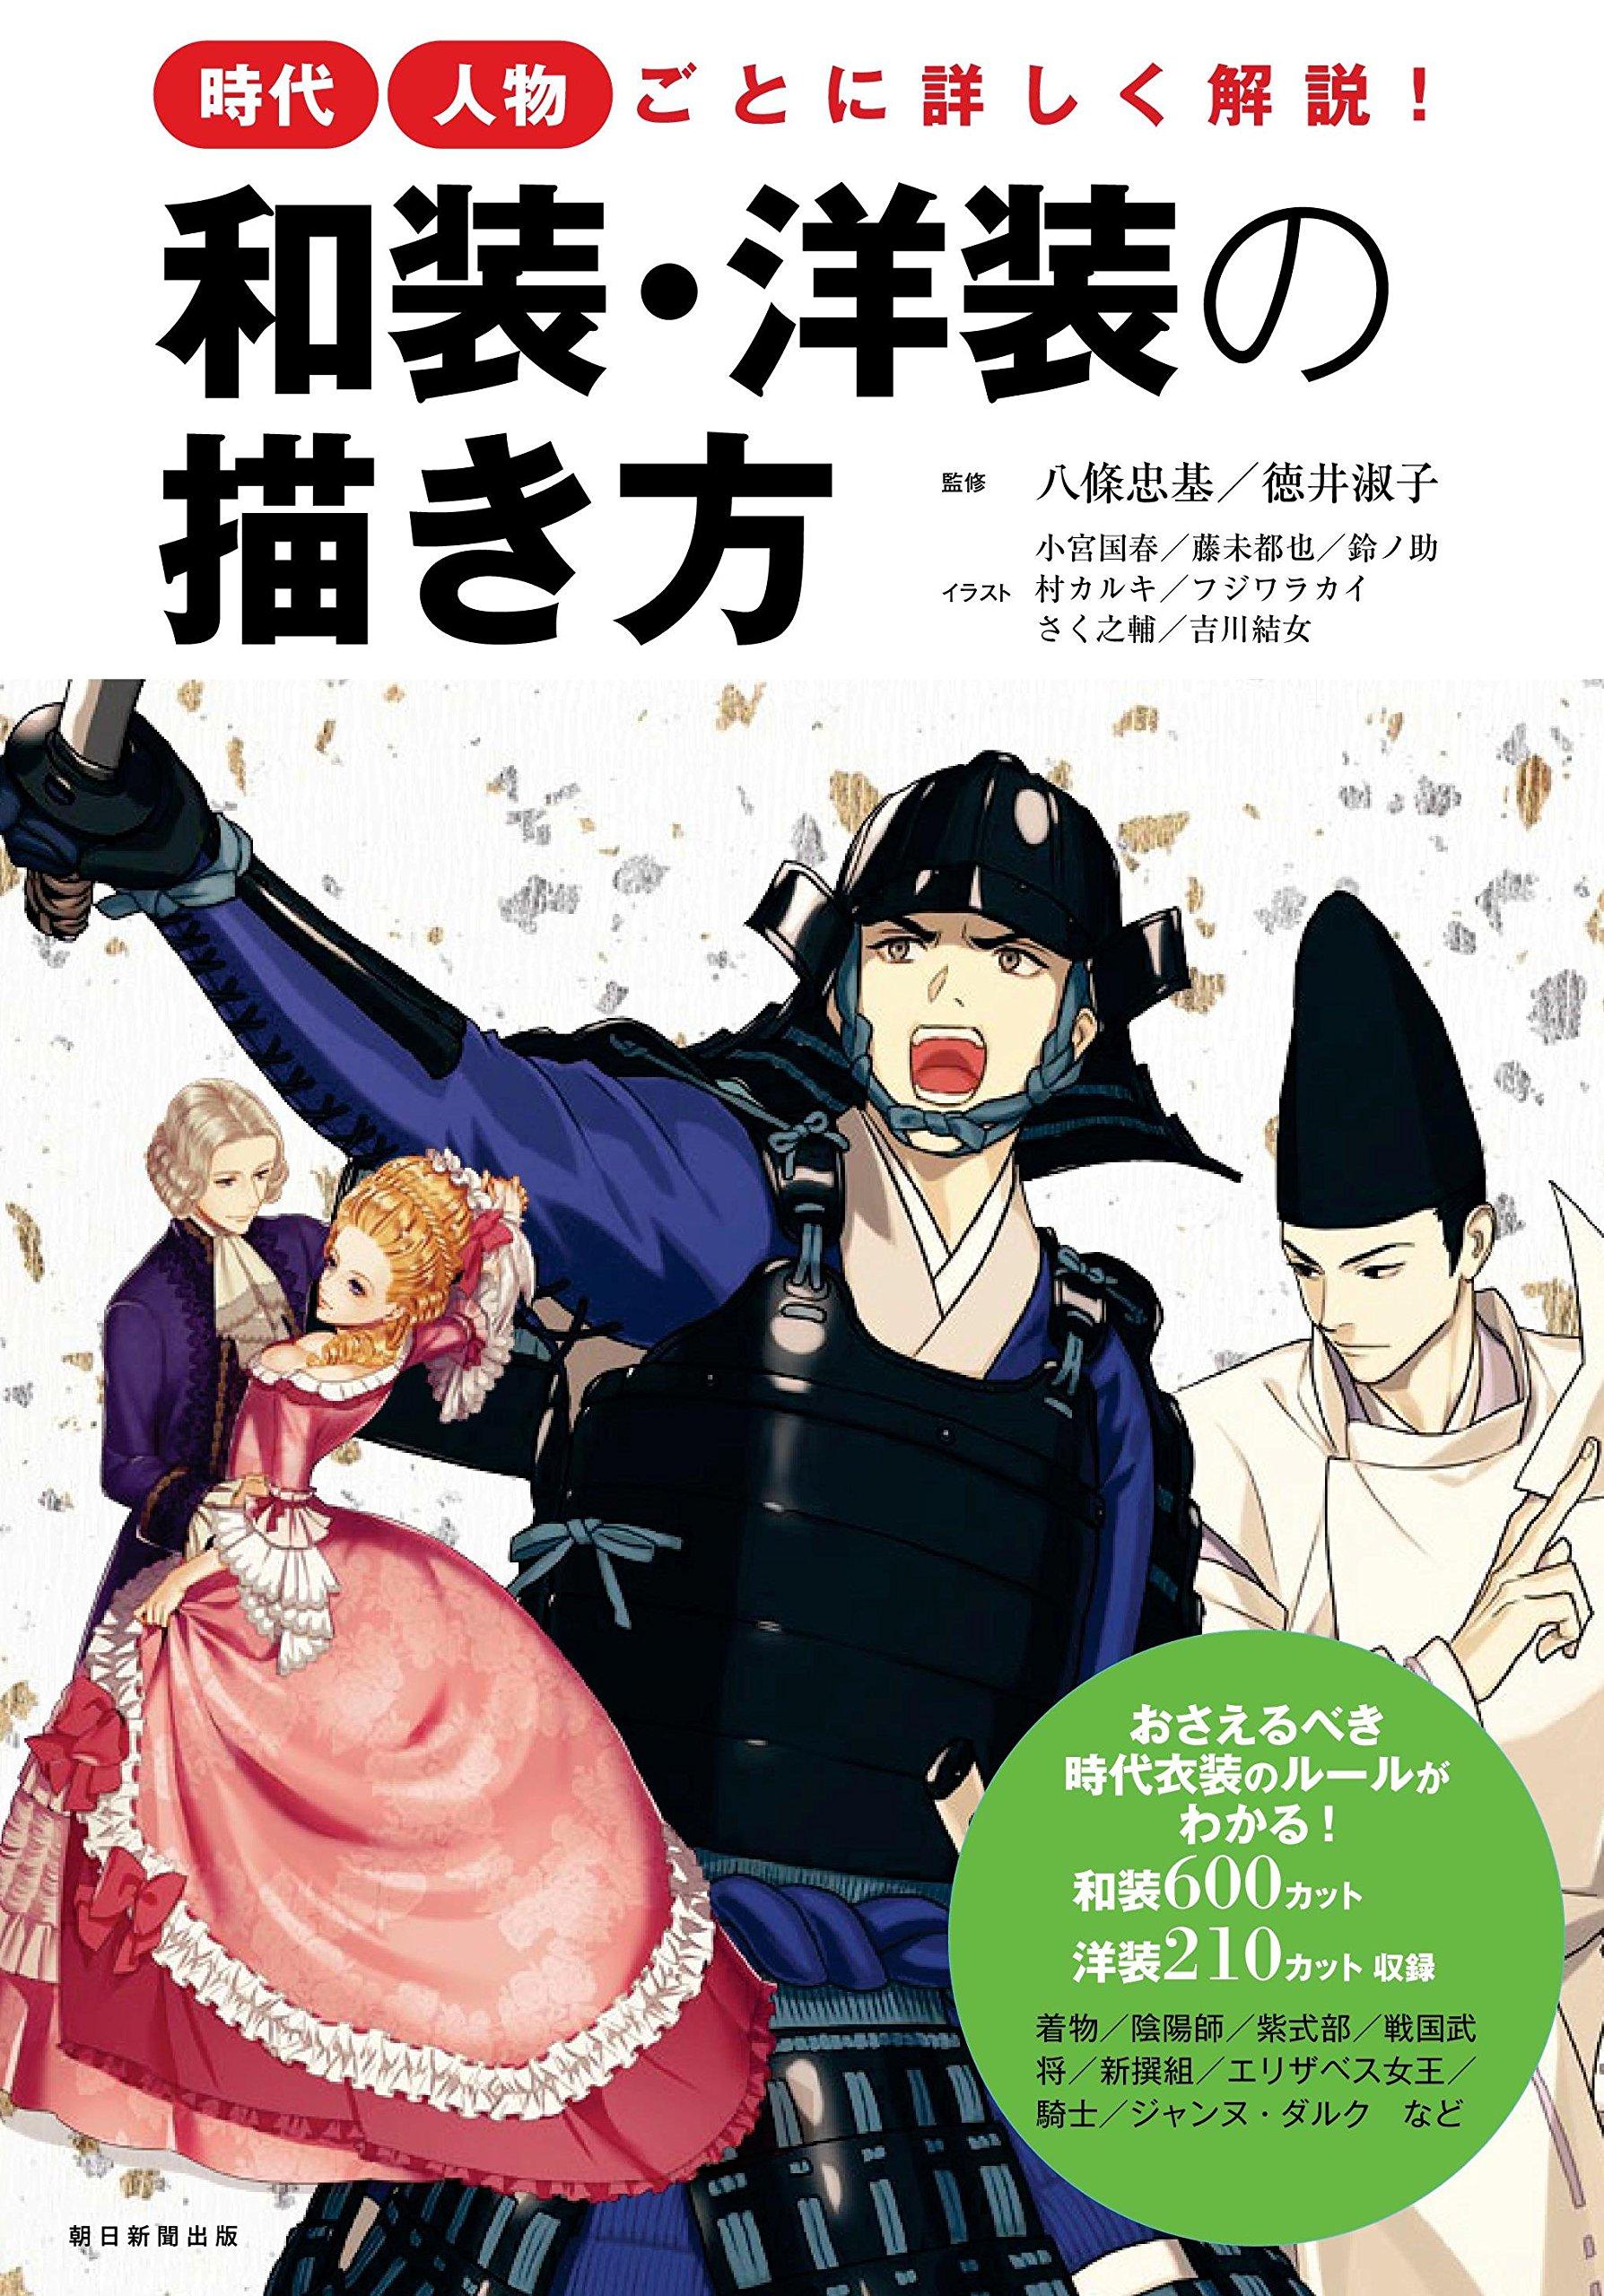 時代人物ごとに詳しく解説 和装洋装の描き方 八條忠基 徳井淑子